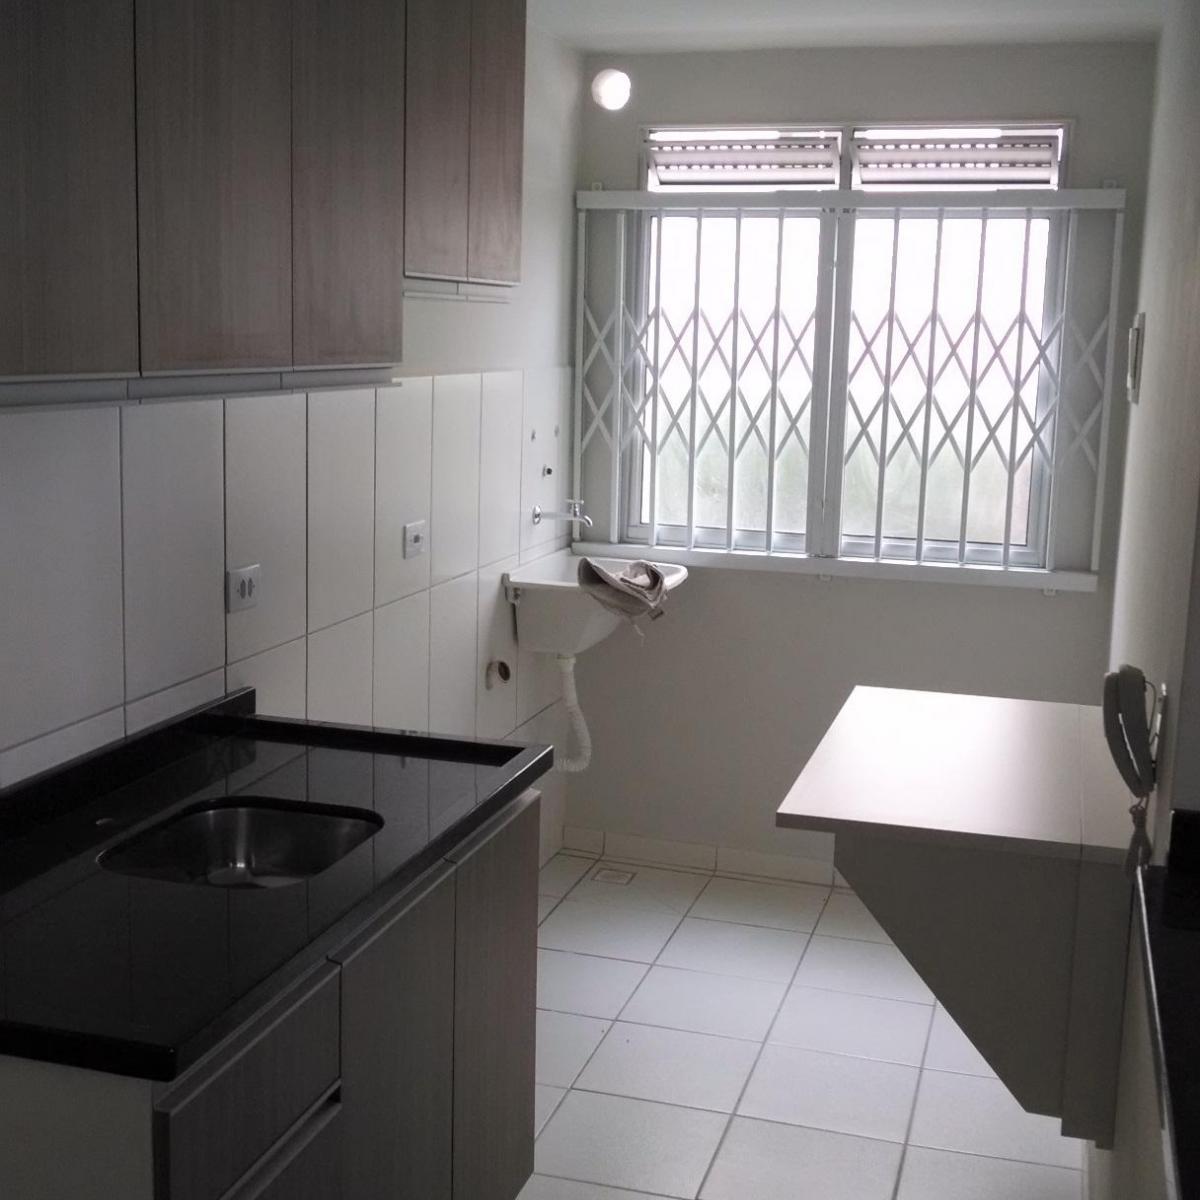 Pinheirinho Curitiba R$ 900 60 m2 ID: 1003417513 Imovelweb #5D5852 1200x1200 Balcão Banheiro Curitiba